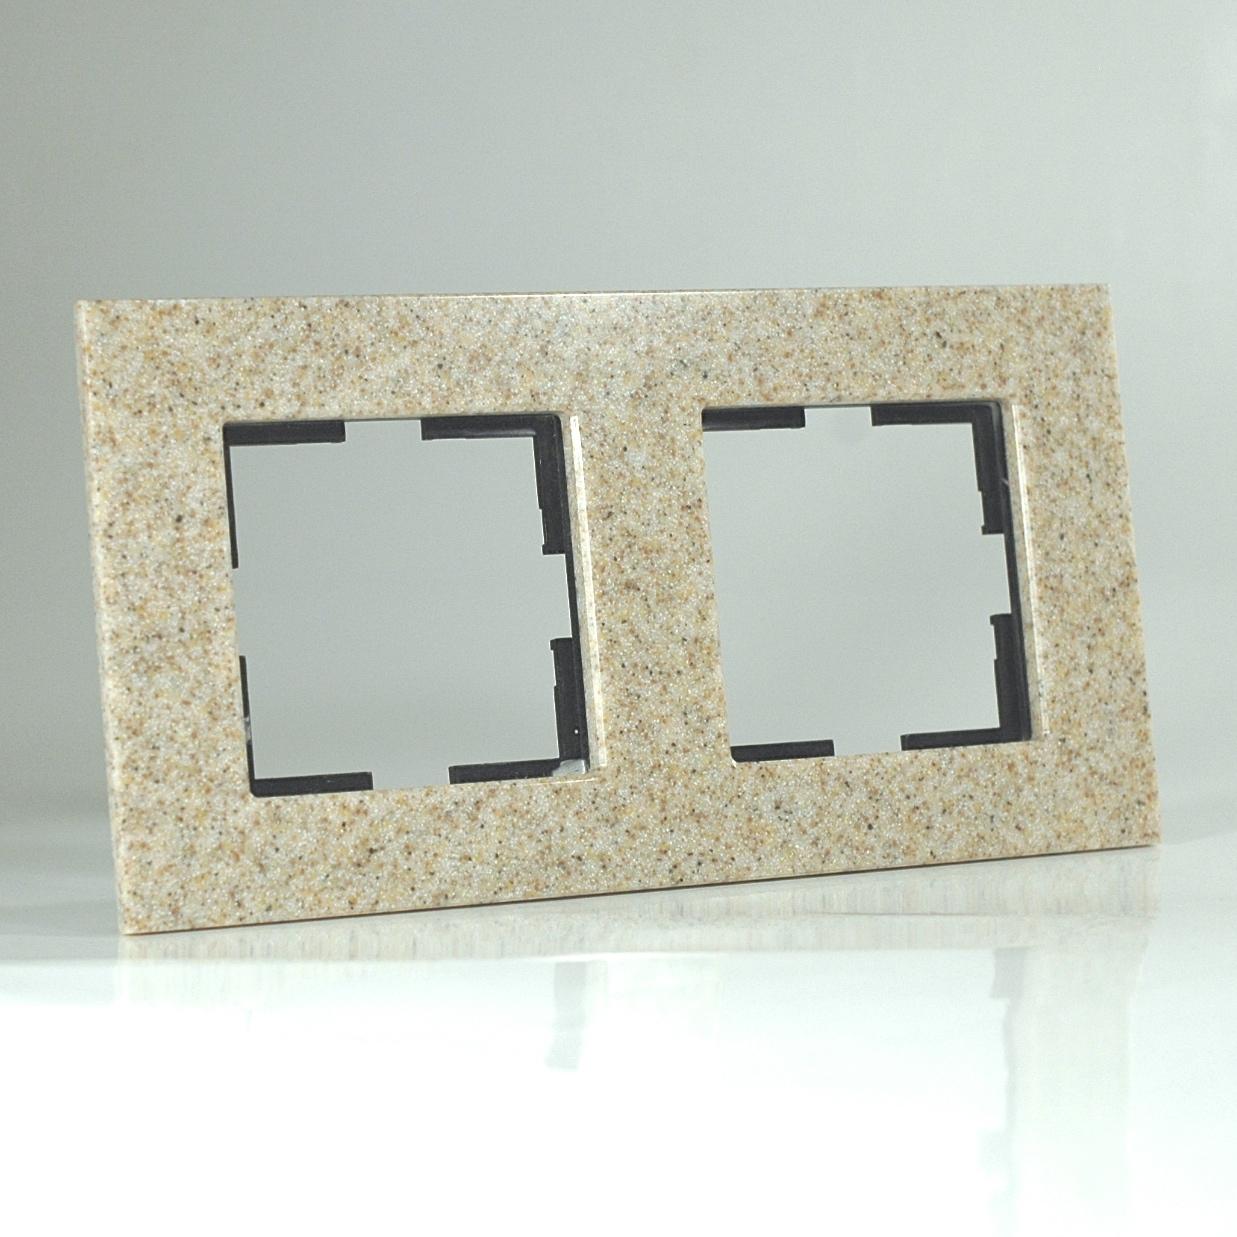 plaque double corian gr s novella vente en ligne de mat riel lectrique. Black Bedroom Furniture Sets. Home Design Ideas